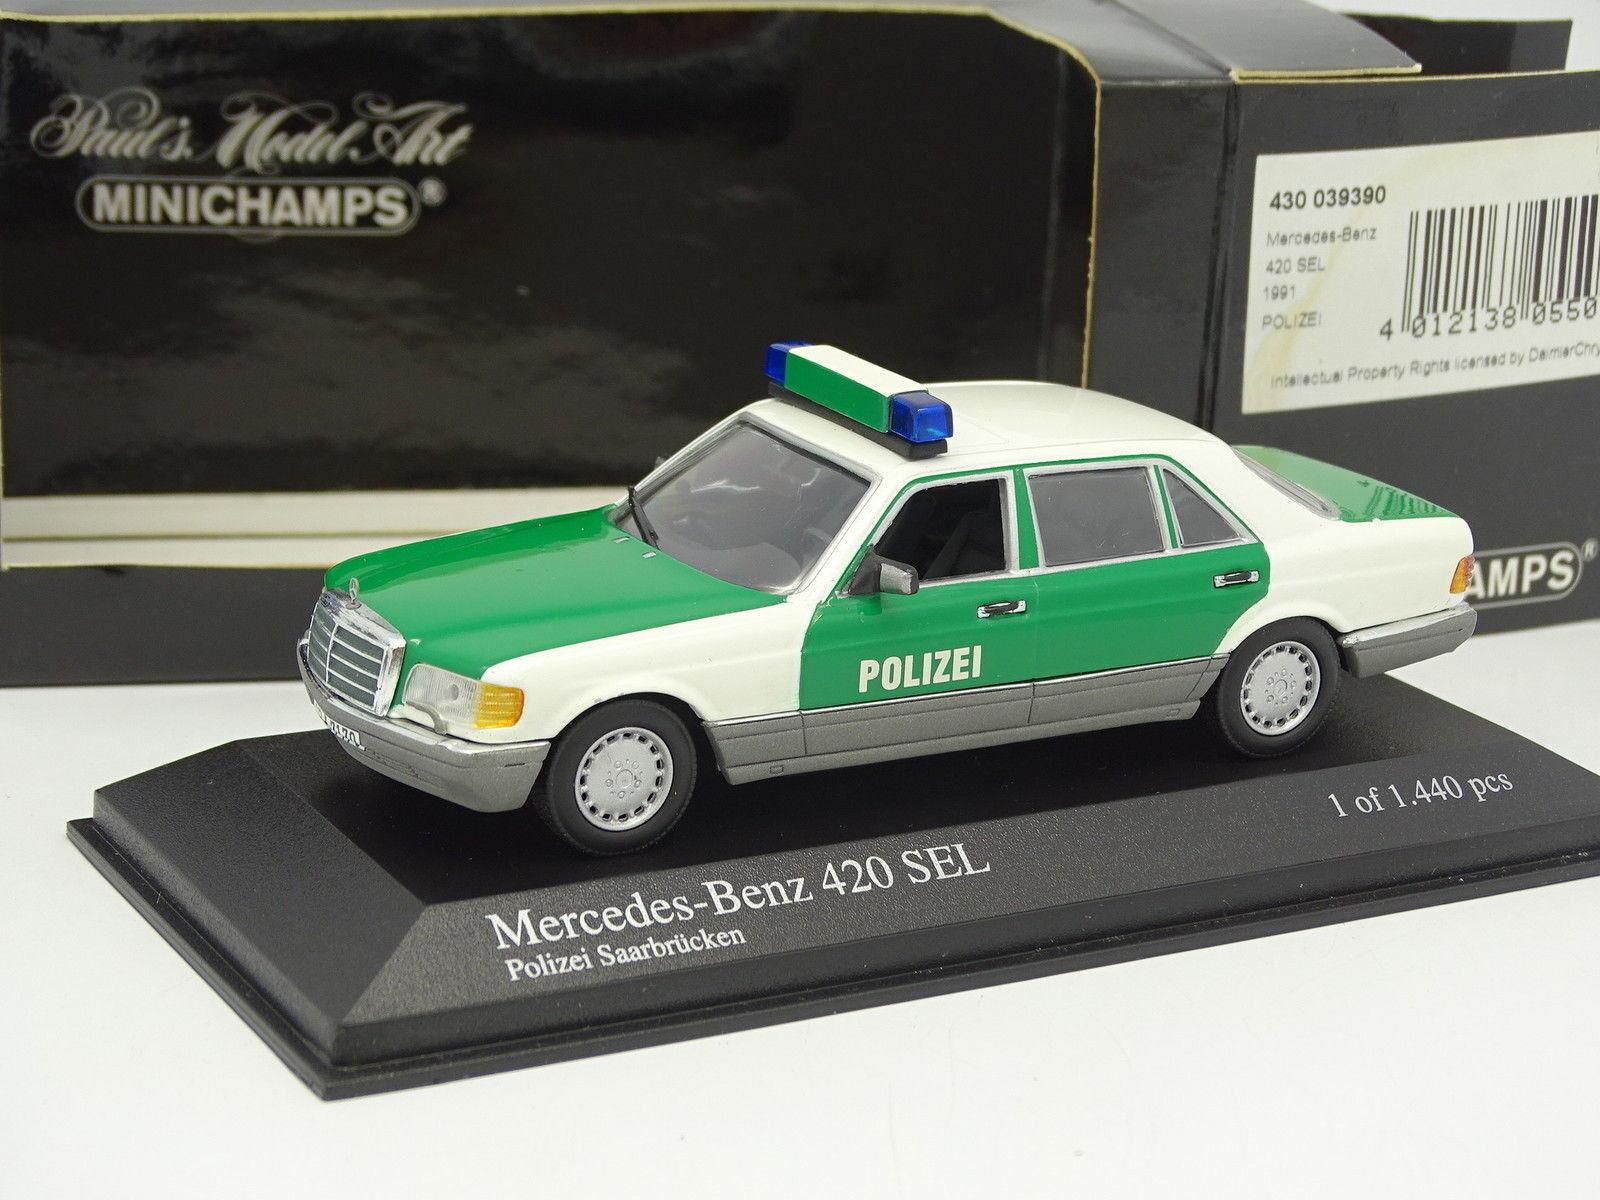 Minichamps 1 43 - Mercedes 420 SEL Polizei Saarbrucken